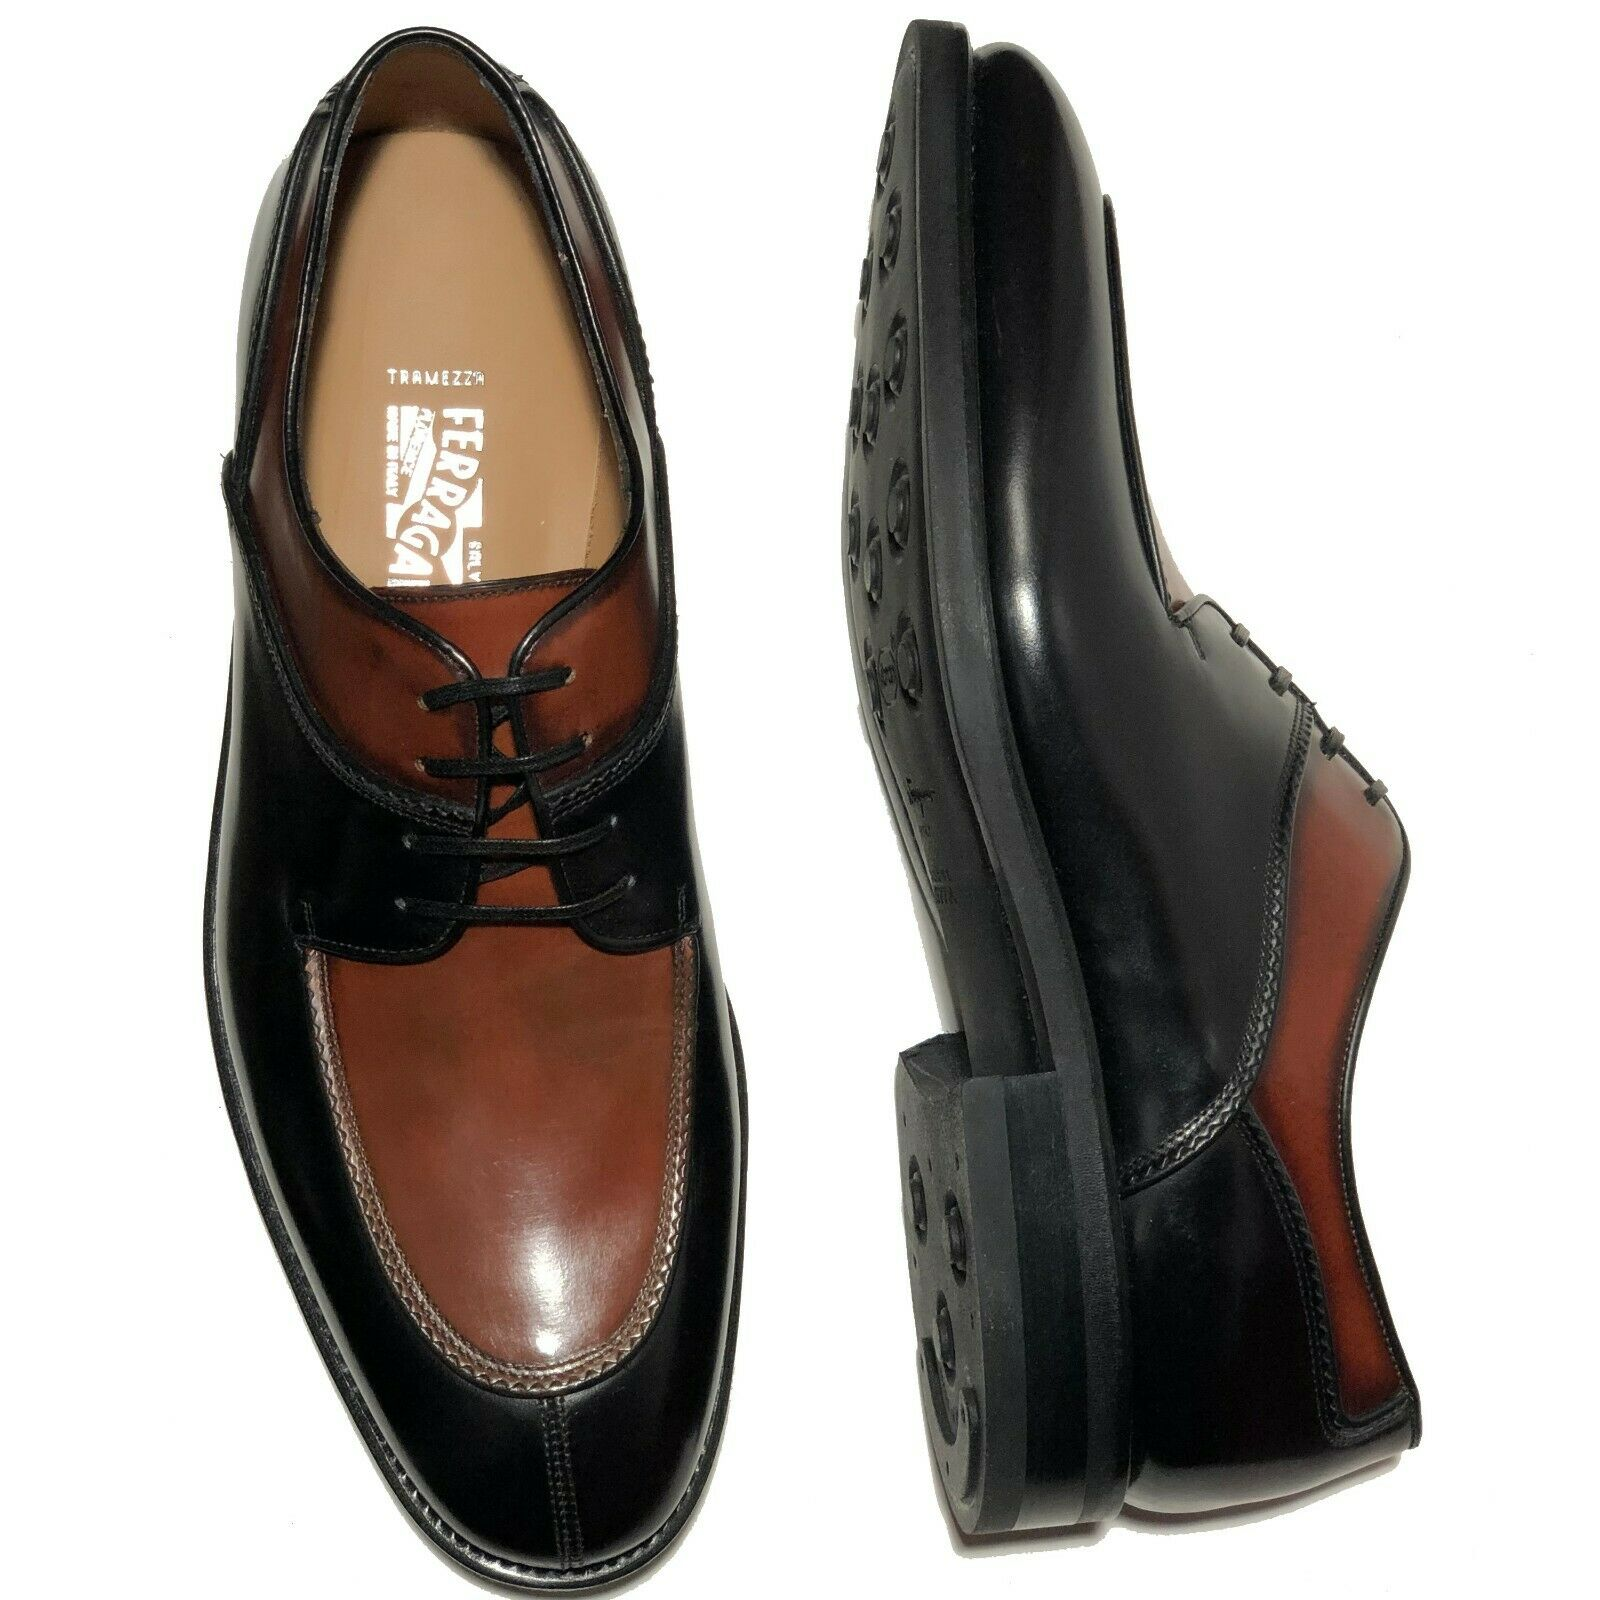 Ferragamo Tramezza 9 Ee Homme Filiberto Noir Marron Cuir Bout D'Aile Chaussures